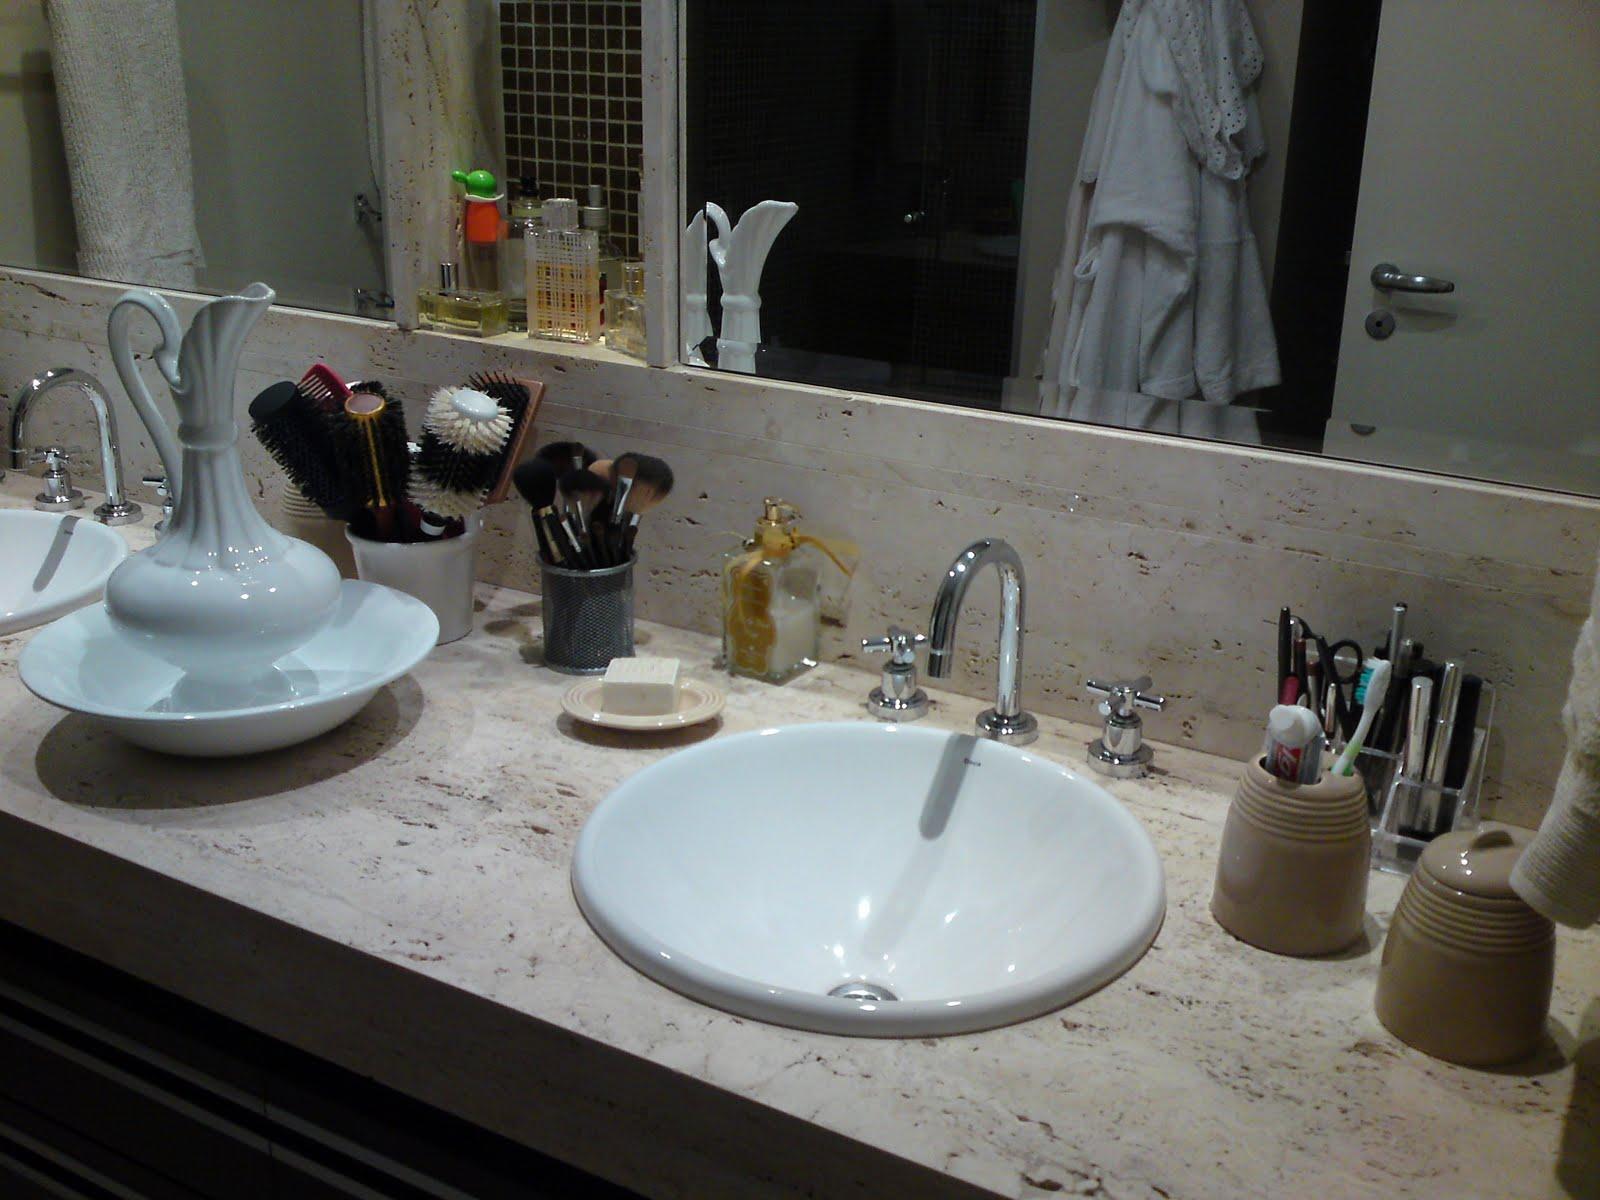 Em cima da bancada coloquei todos os itens de muito uso como: escovas  #516E7A 1600 1200